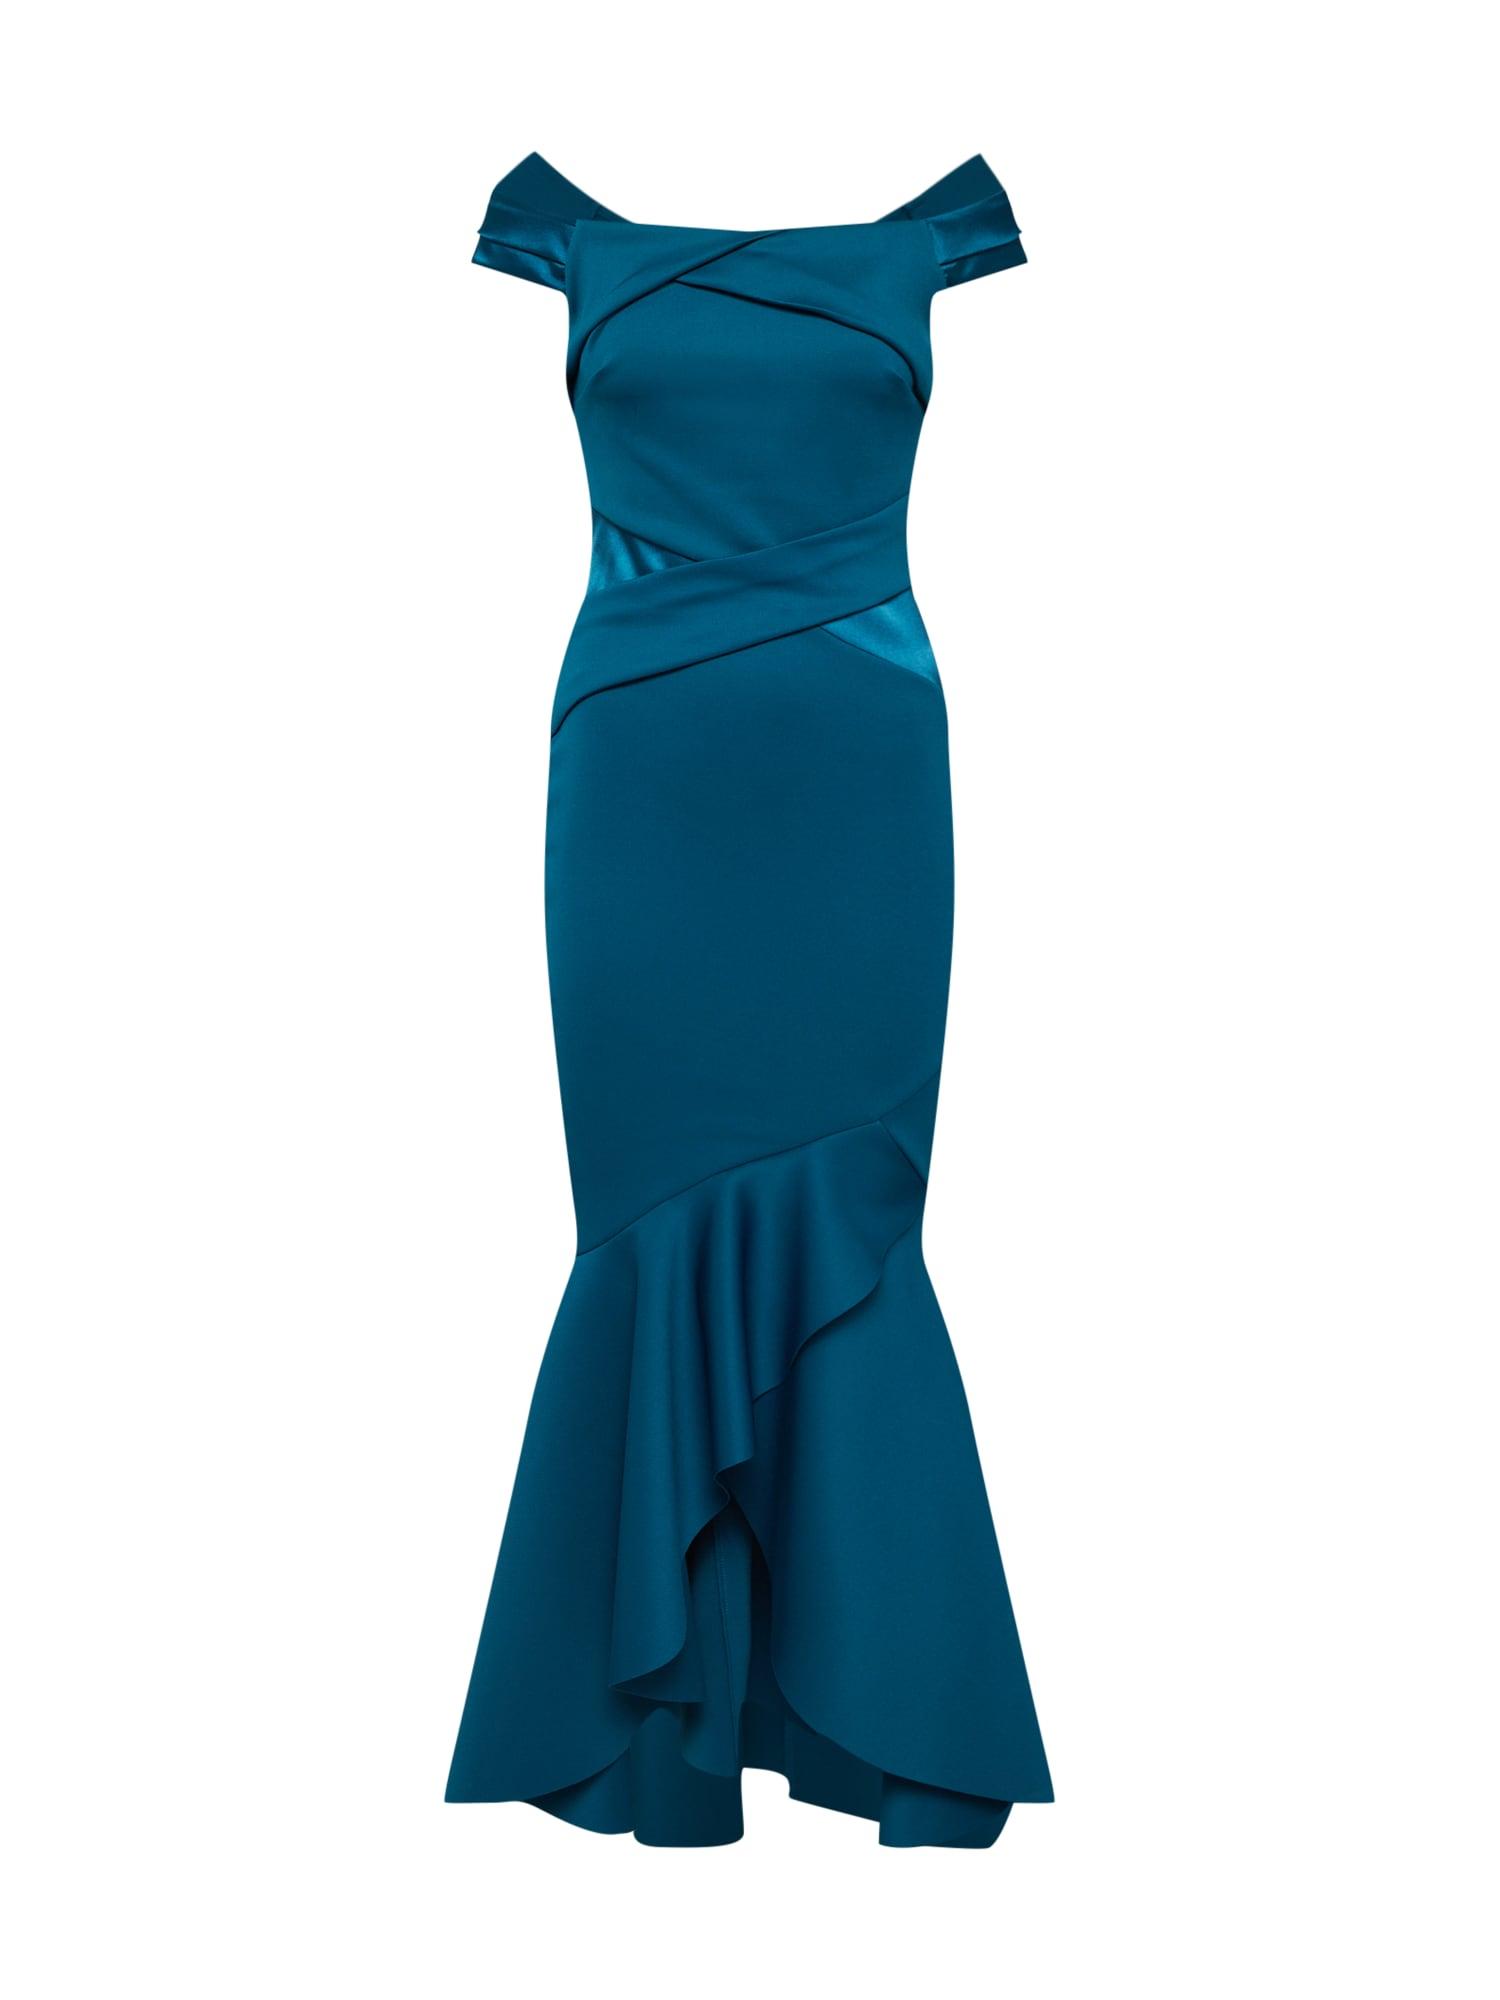 Společenské šaty TEAL BARDOT SATIN PANEL MAXI petrolejová Lipsy